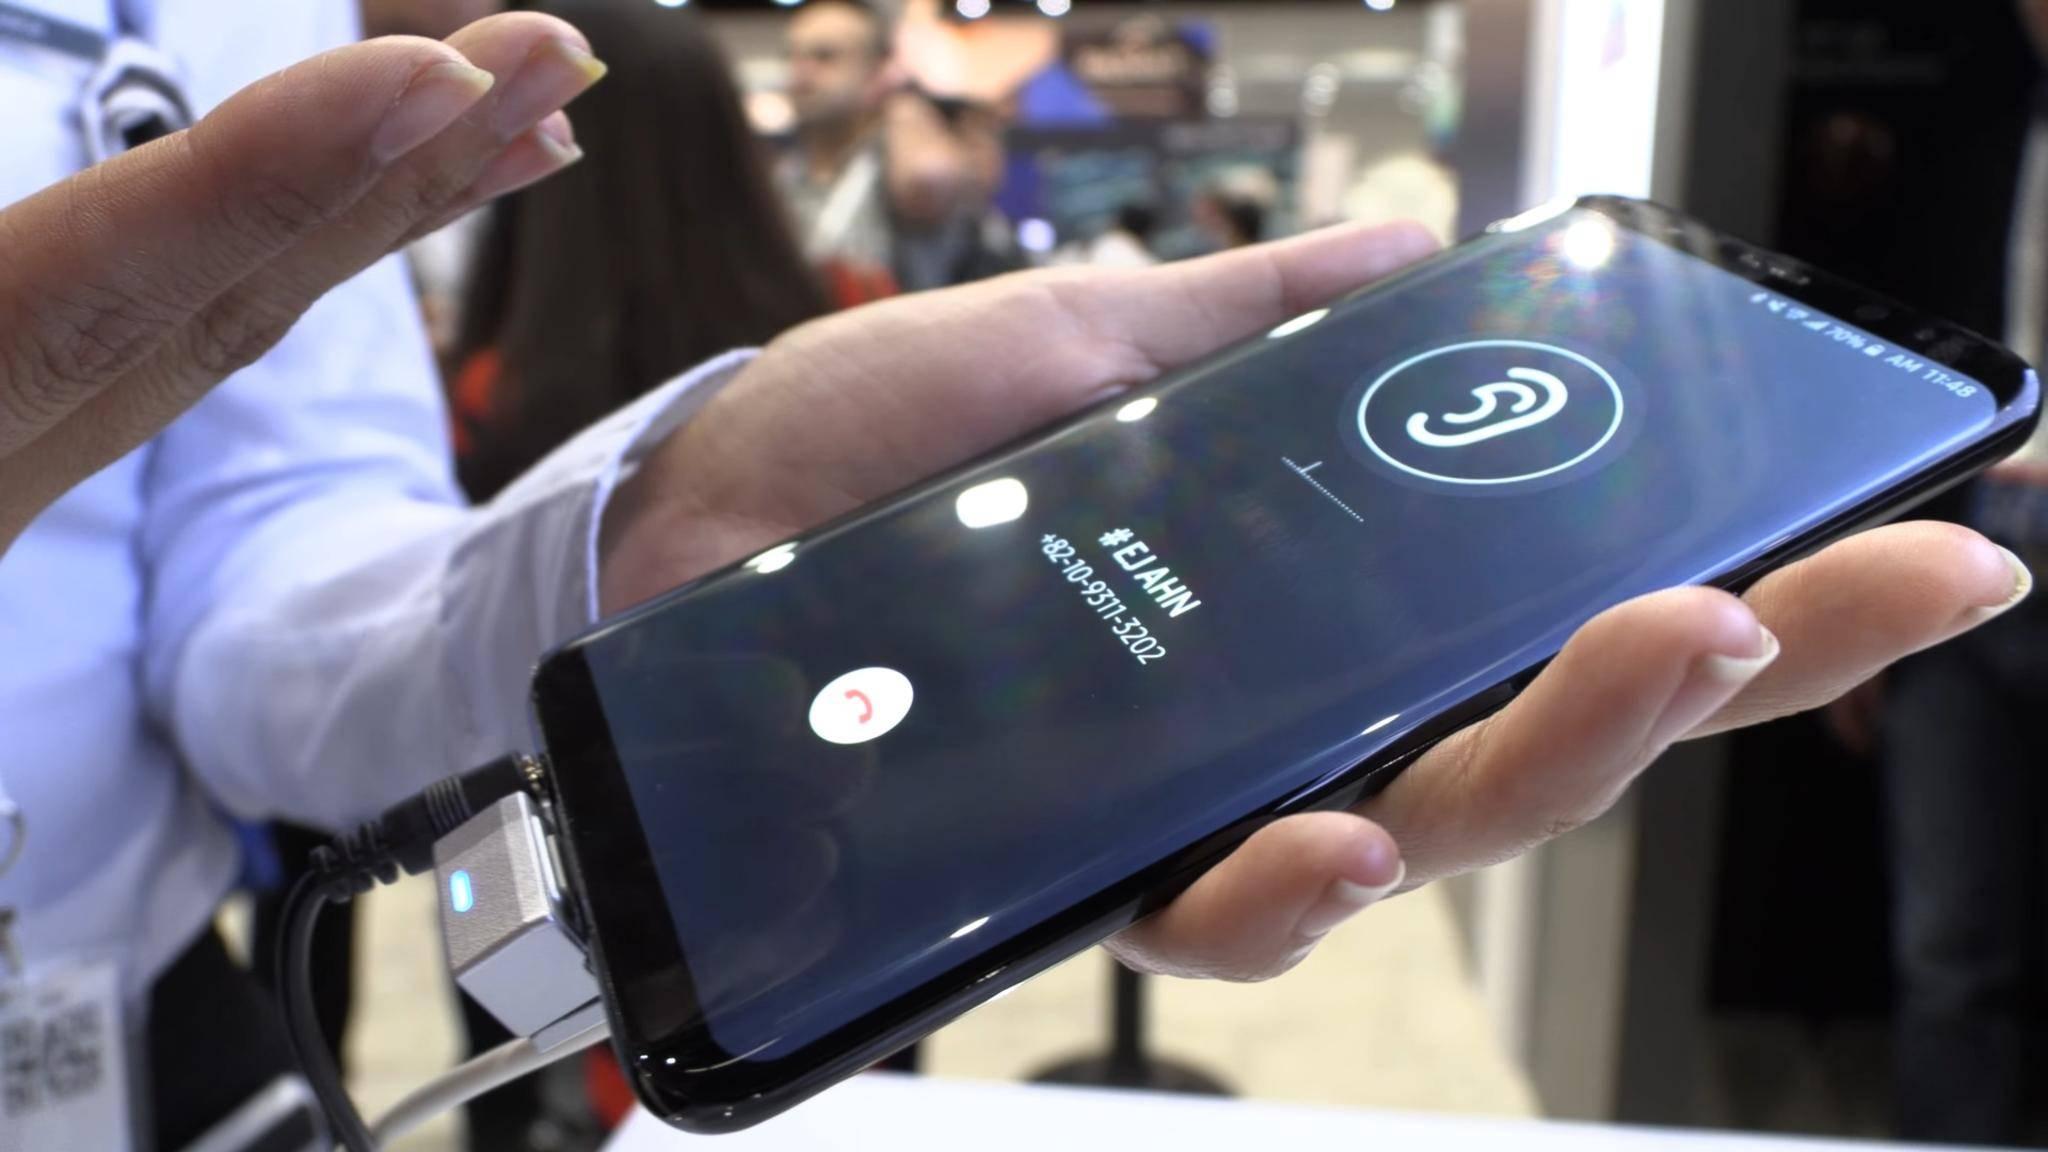 Das Display könnte bei kommenden Smartphones als Lautsprecher dienen.